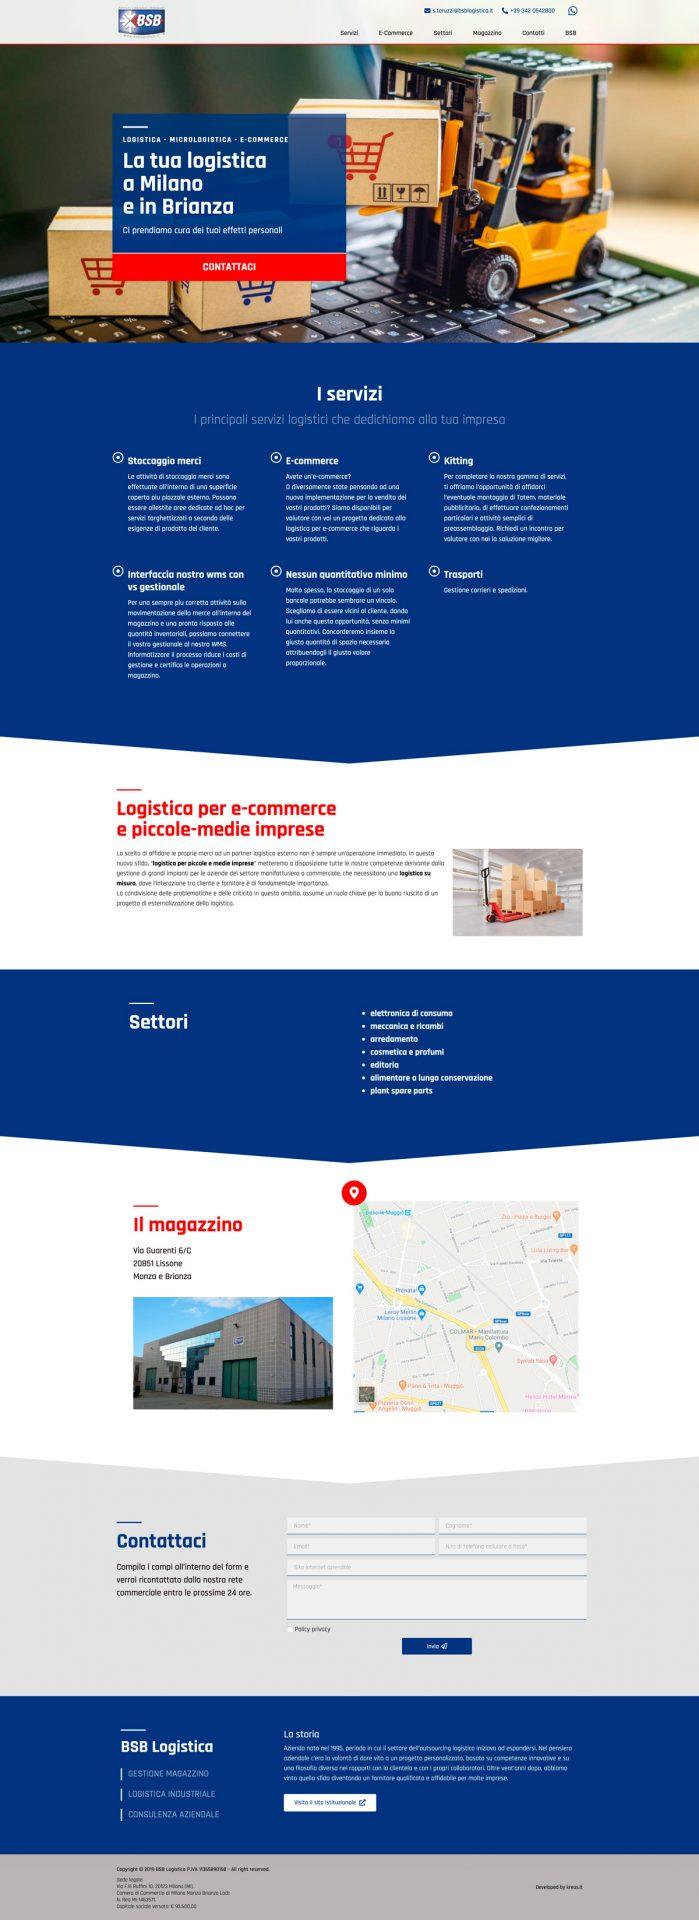 Kreas website logisticamilano